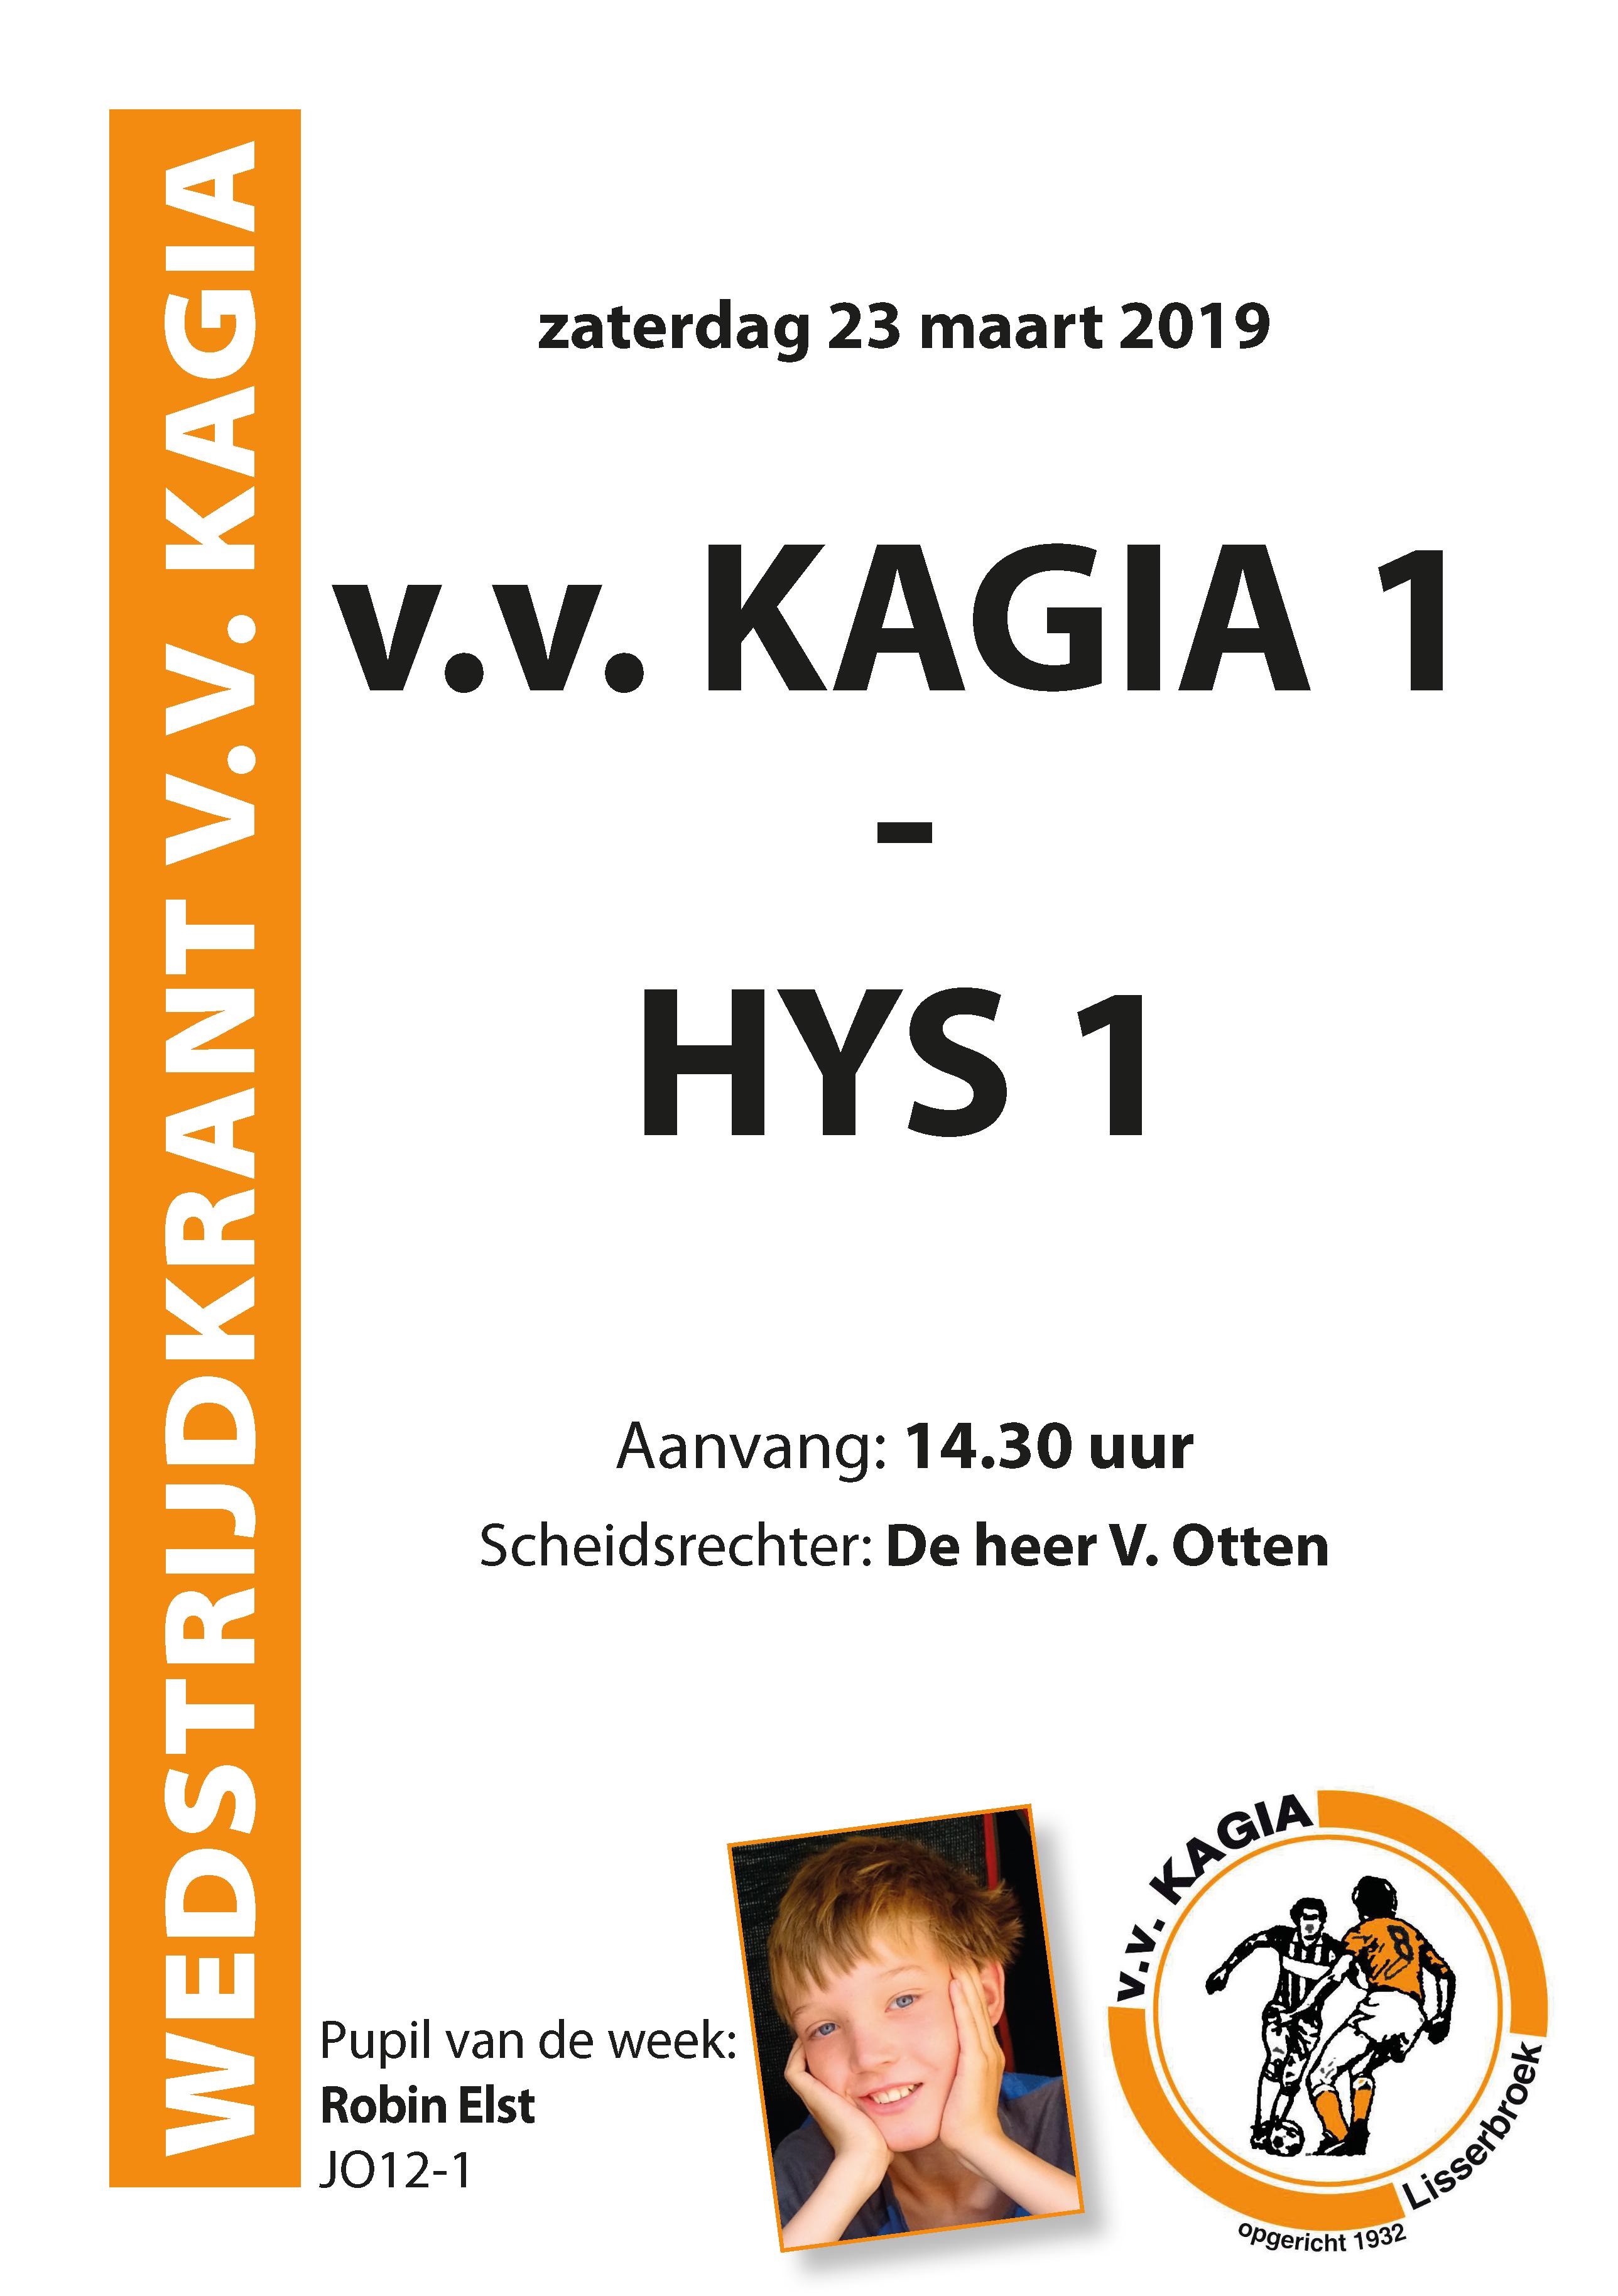 Wedstrijdkrantje | v.v. Kagia 1 – HYS 1